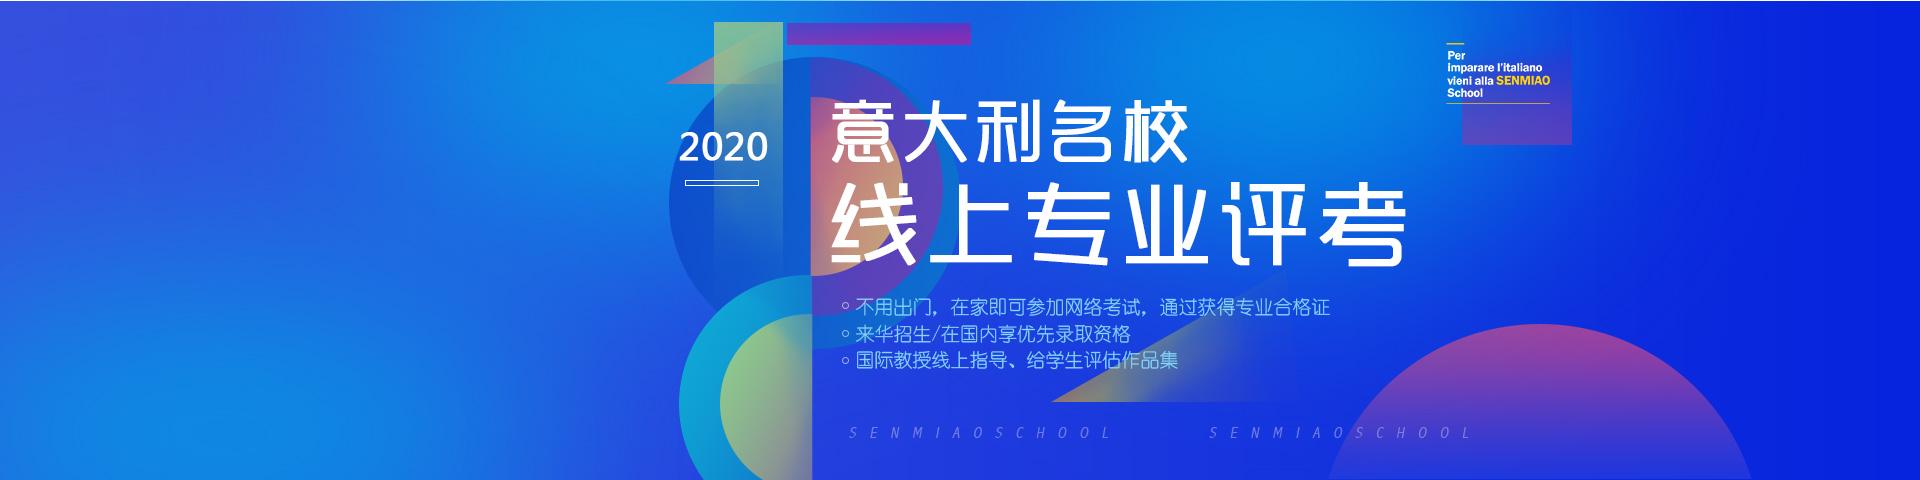 上海森淼语言培训学校